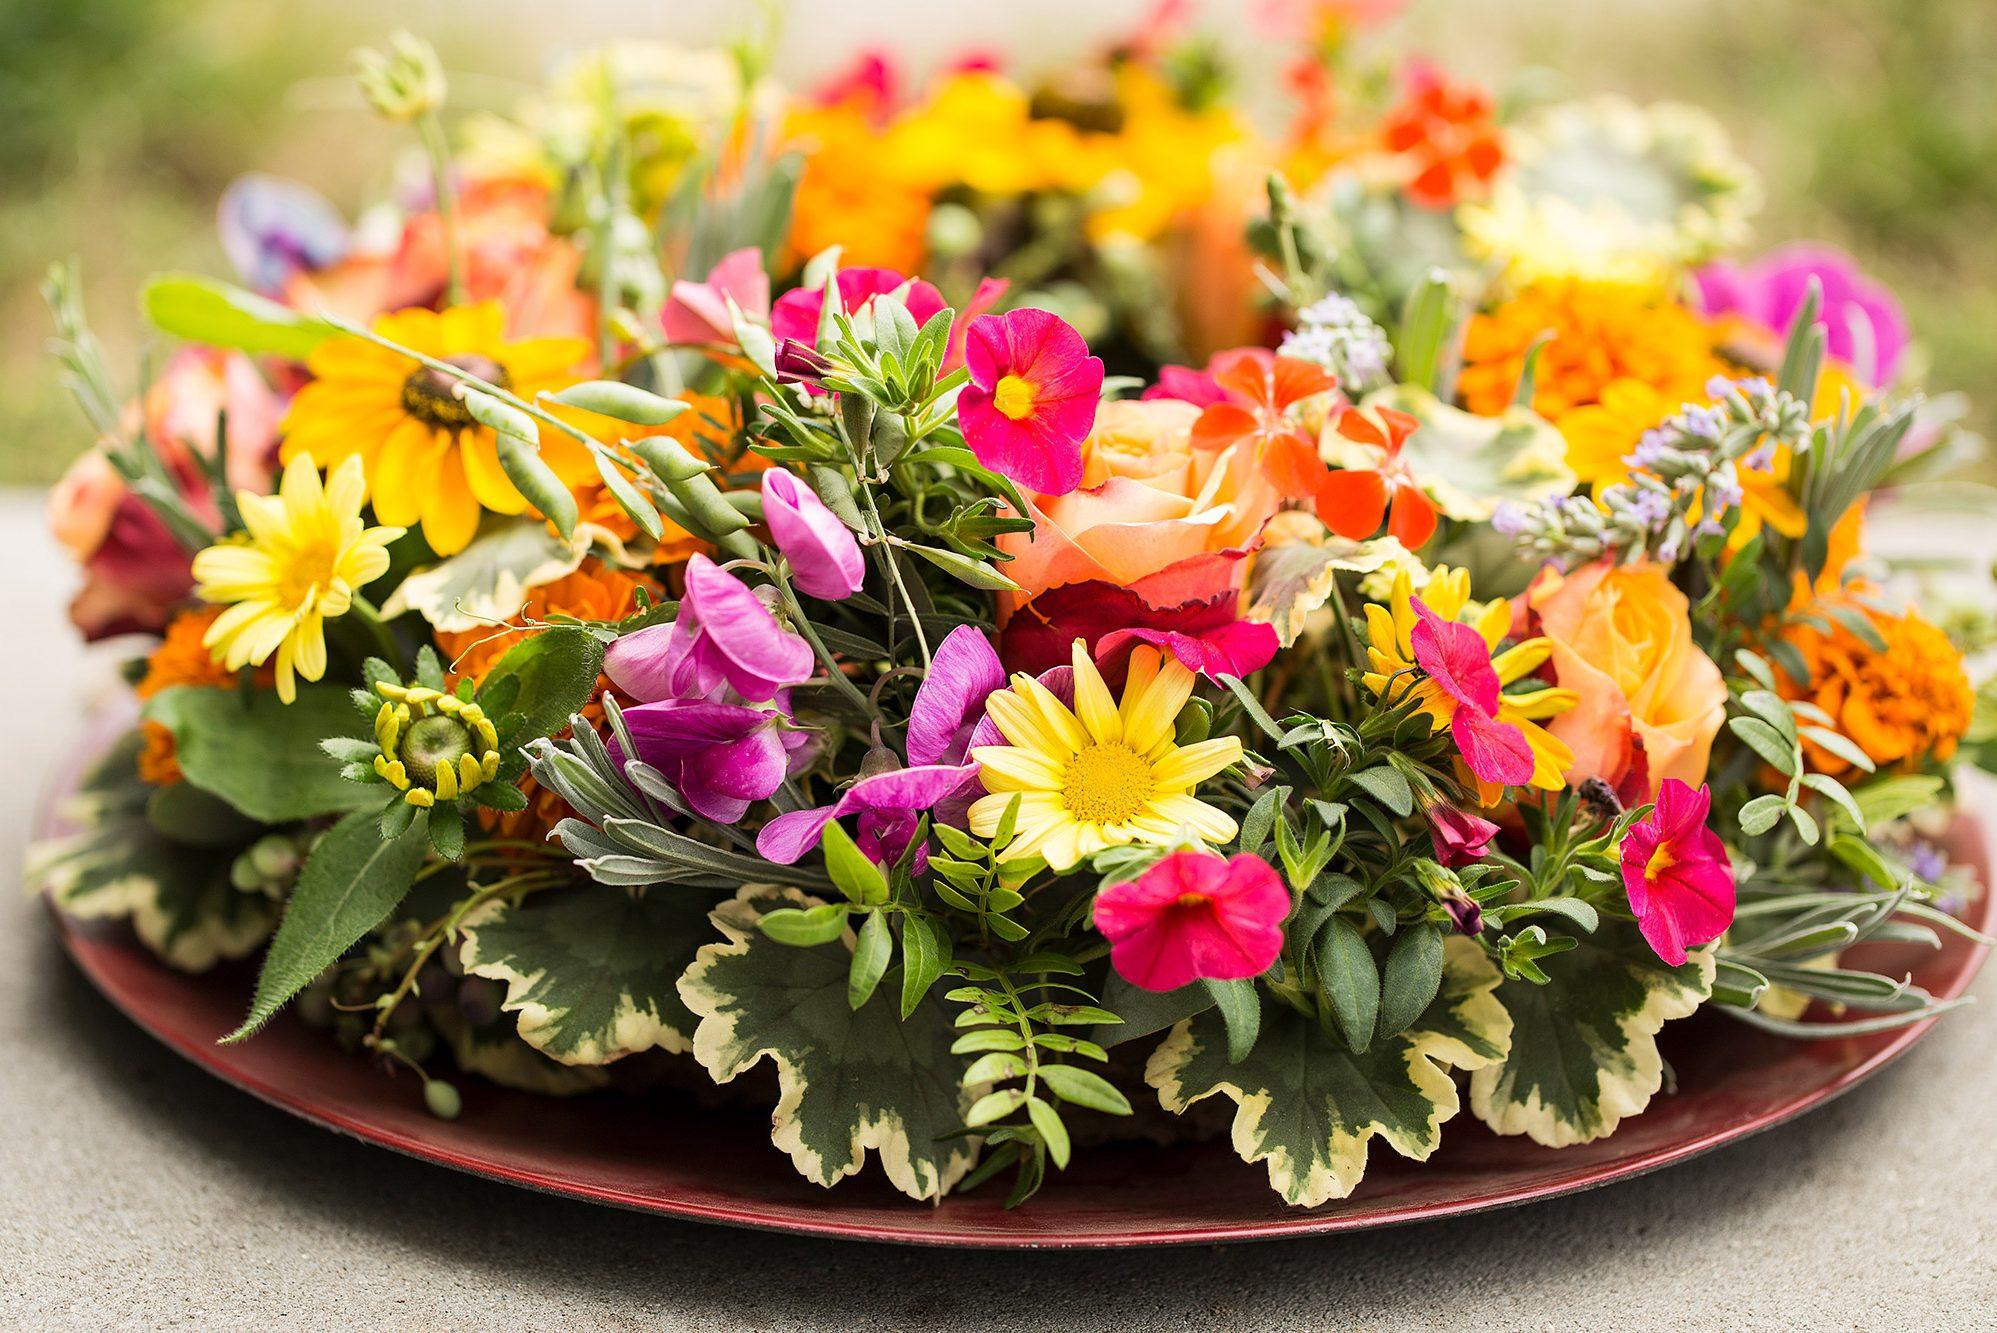 Gärtnerei Blumen Bendler hat für Sie geöffnet.